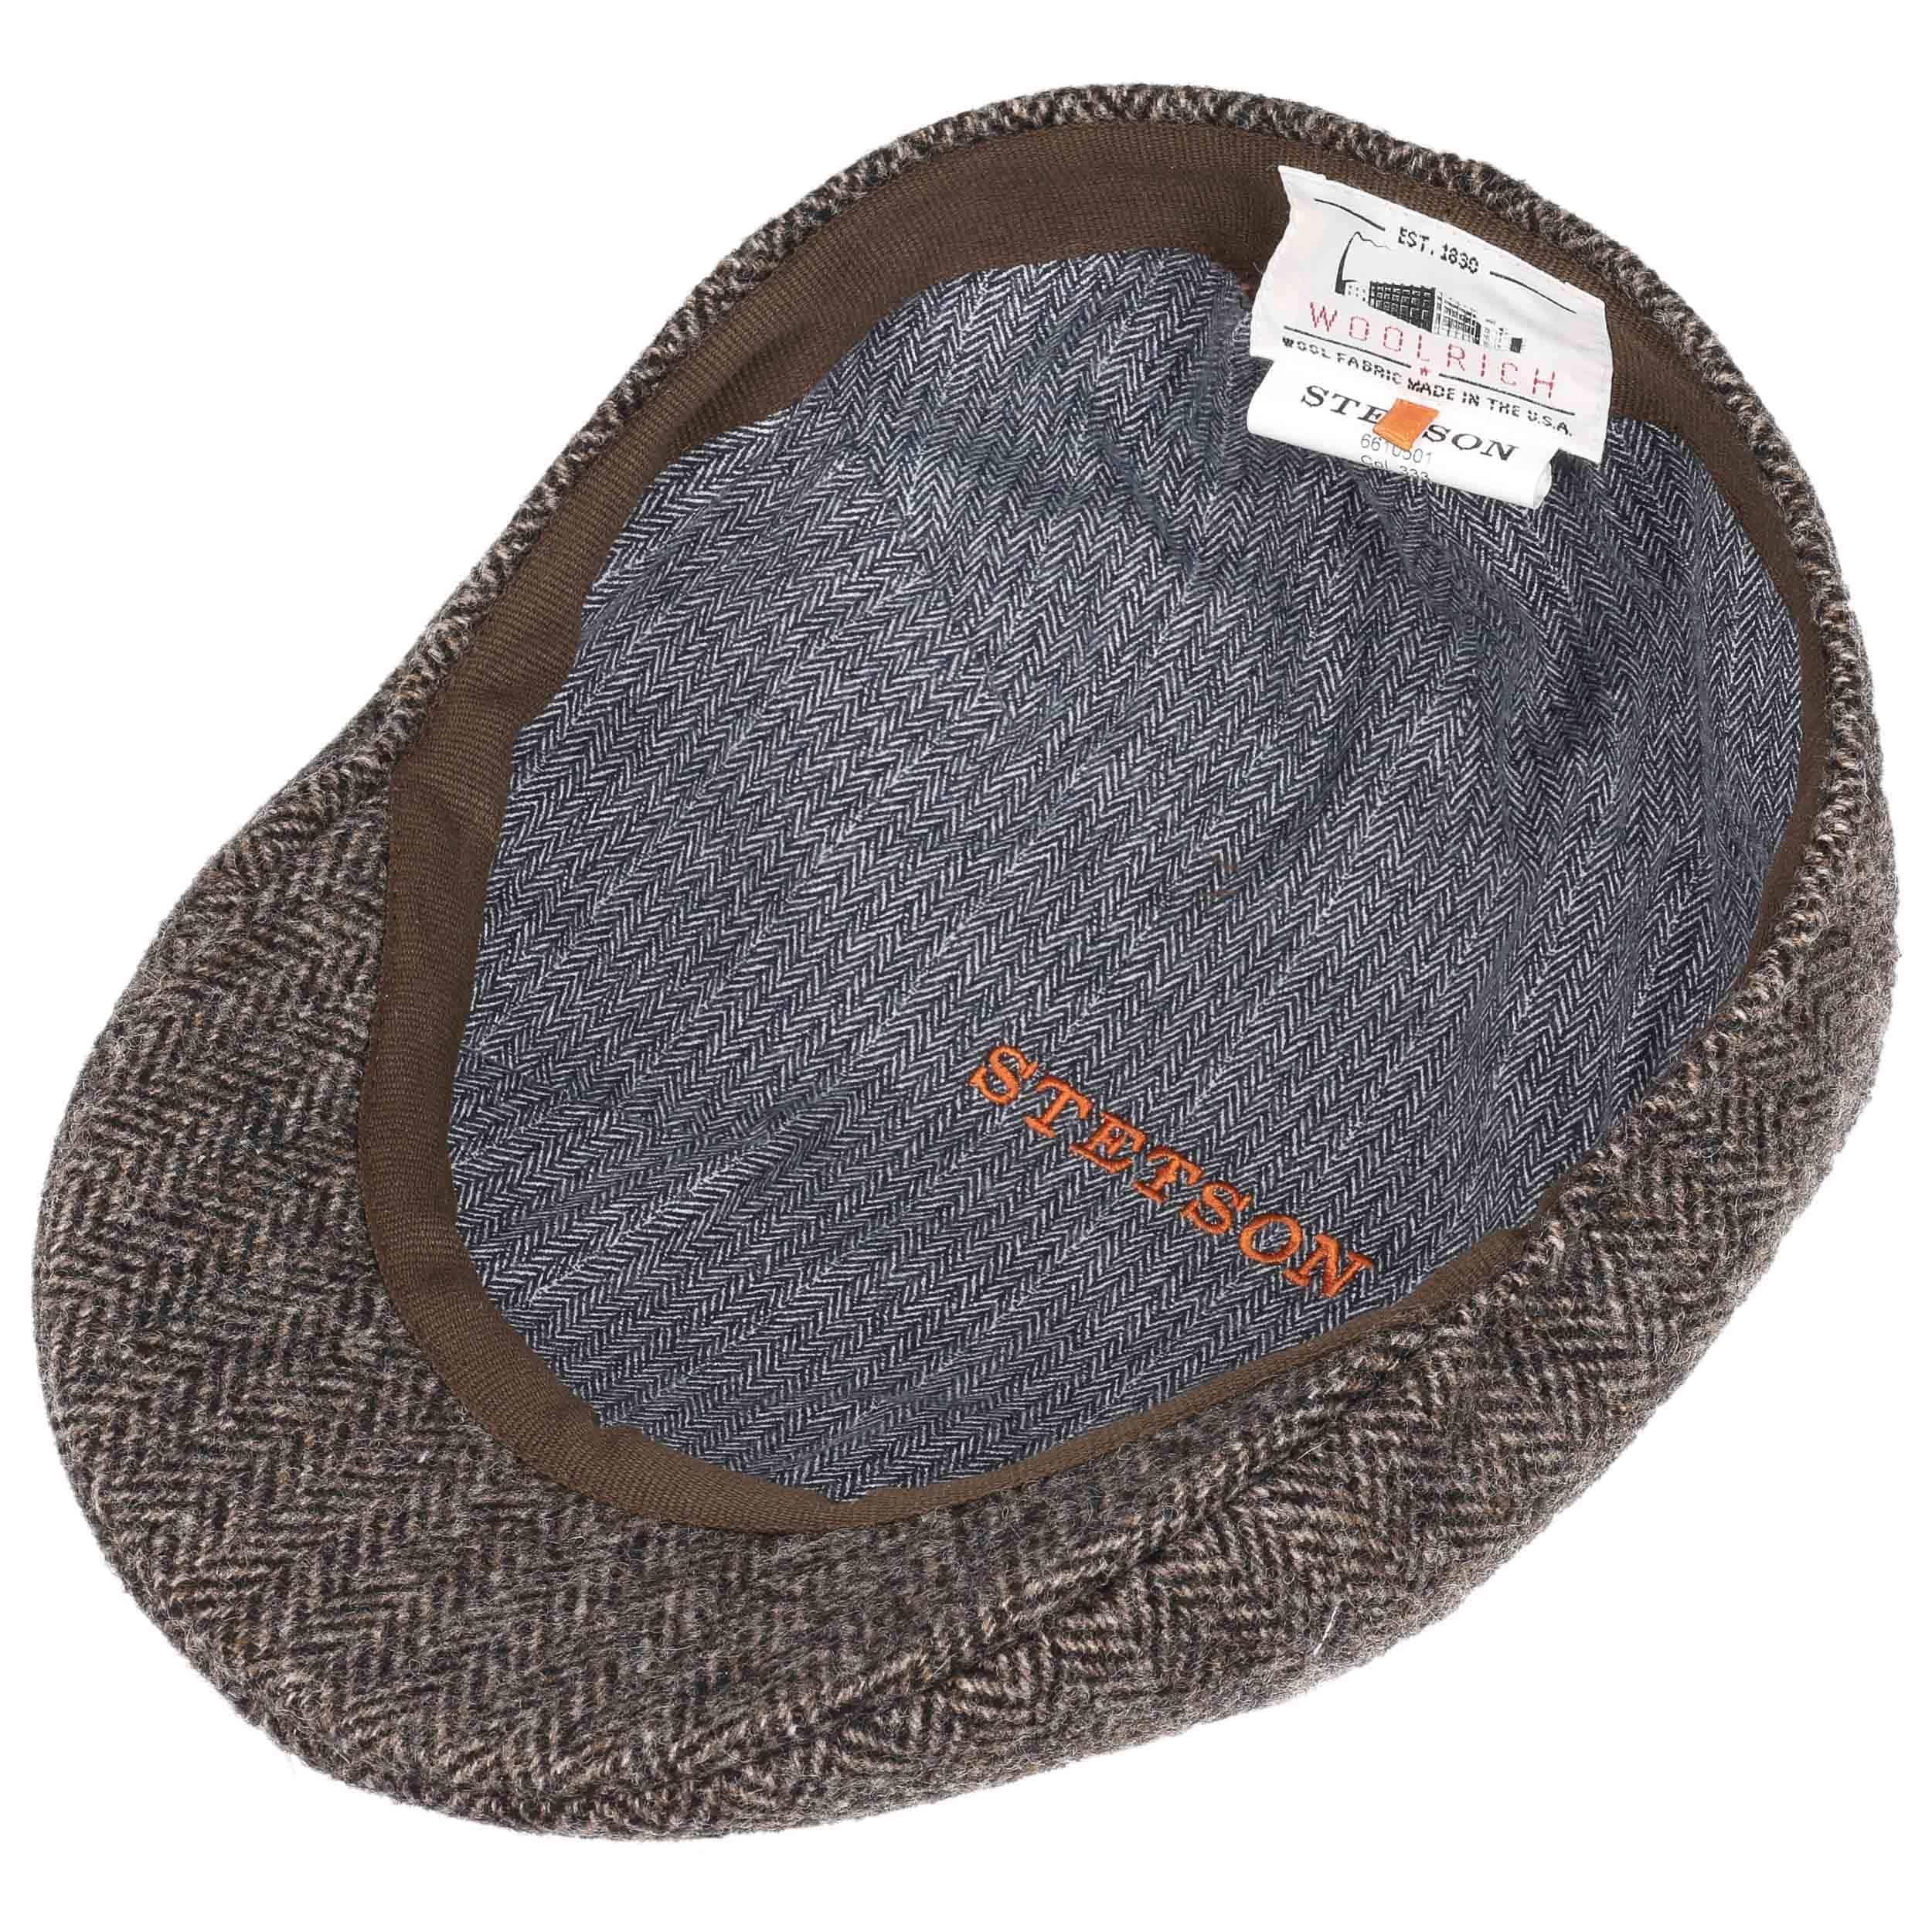 ... Texas Woolrich Herringbone Cap by Stetson - grey 2 ... 980bcc35f2a